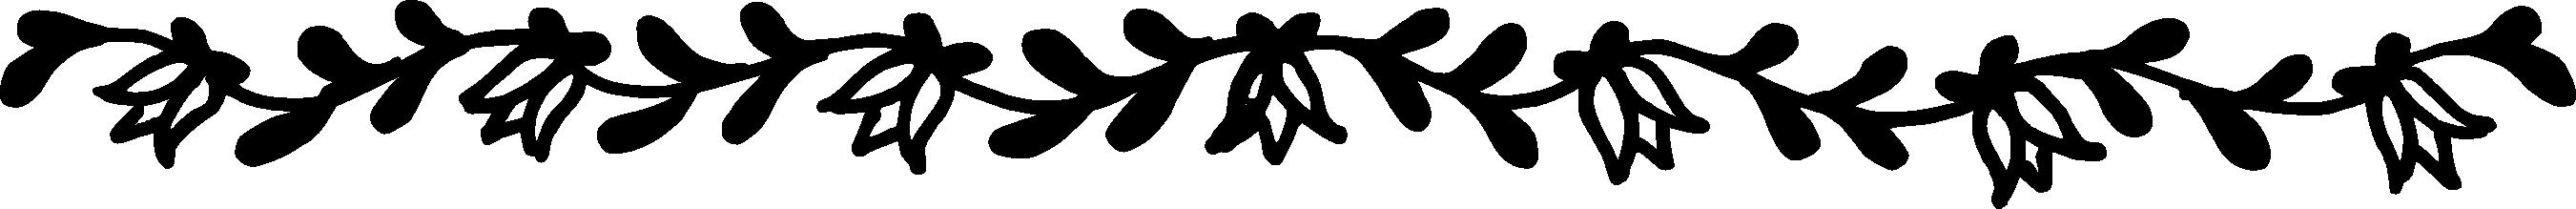 6 Flower Line Border Png Transparent Onlygfx Com